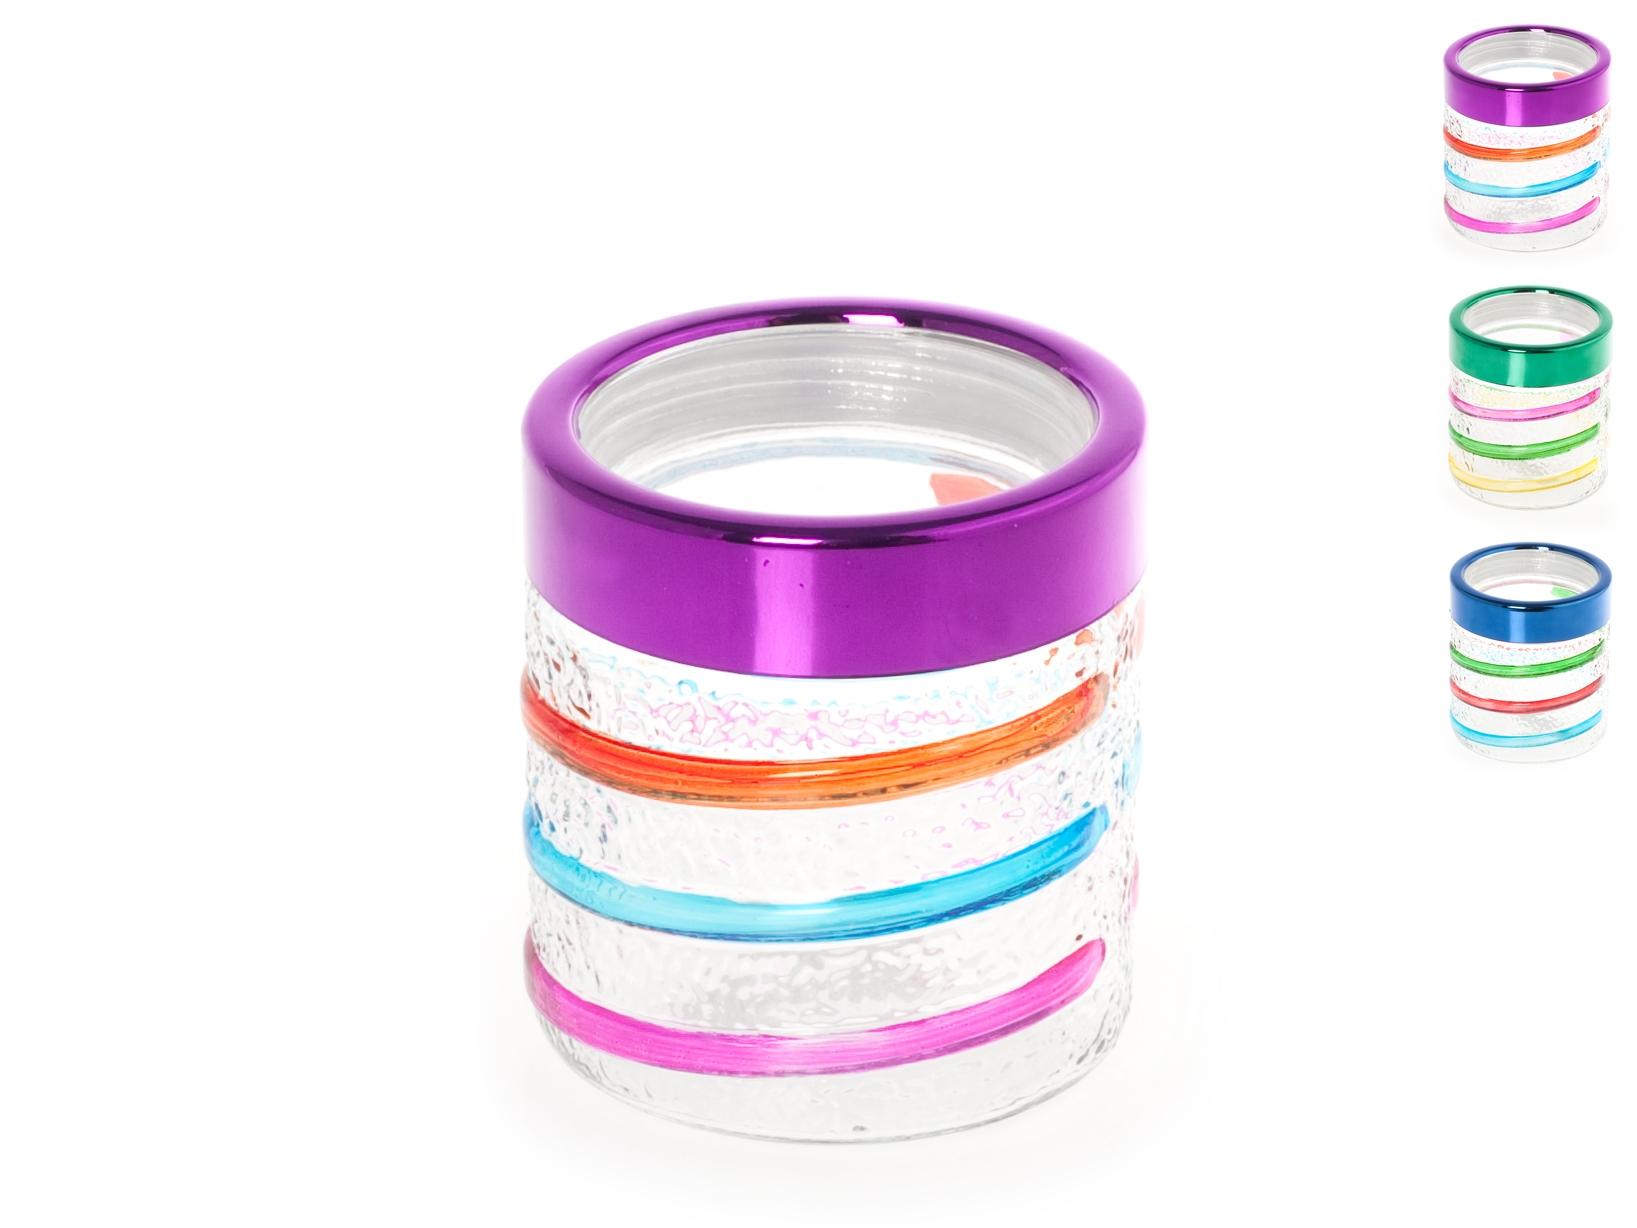 Acquista Set 6 Barattoli Vetro Tondo Colori 17528293 | Glooke.com